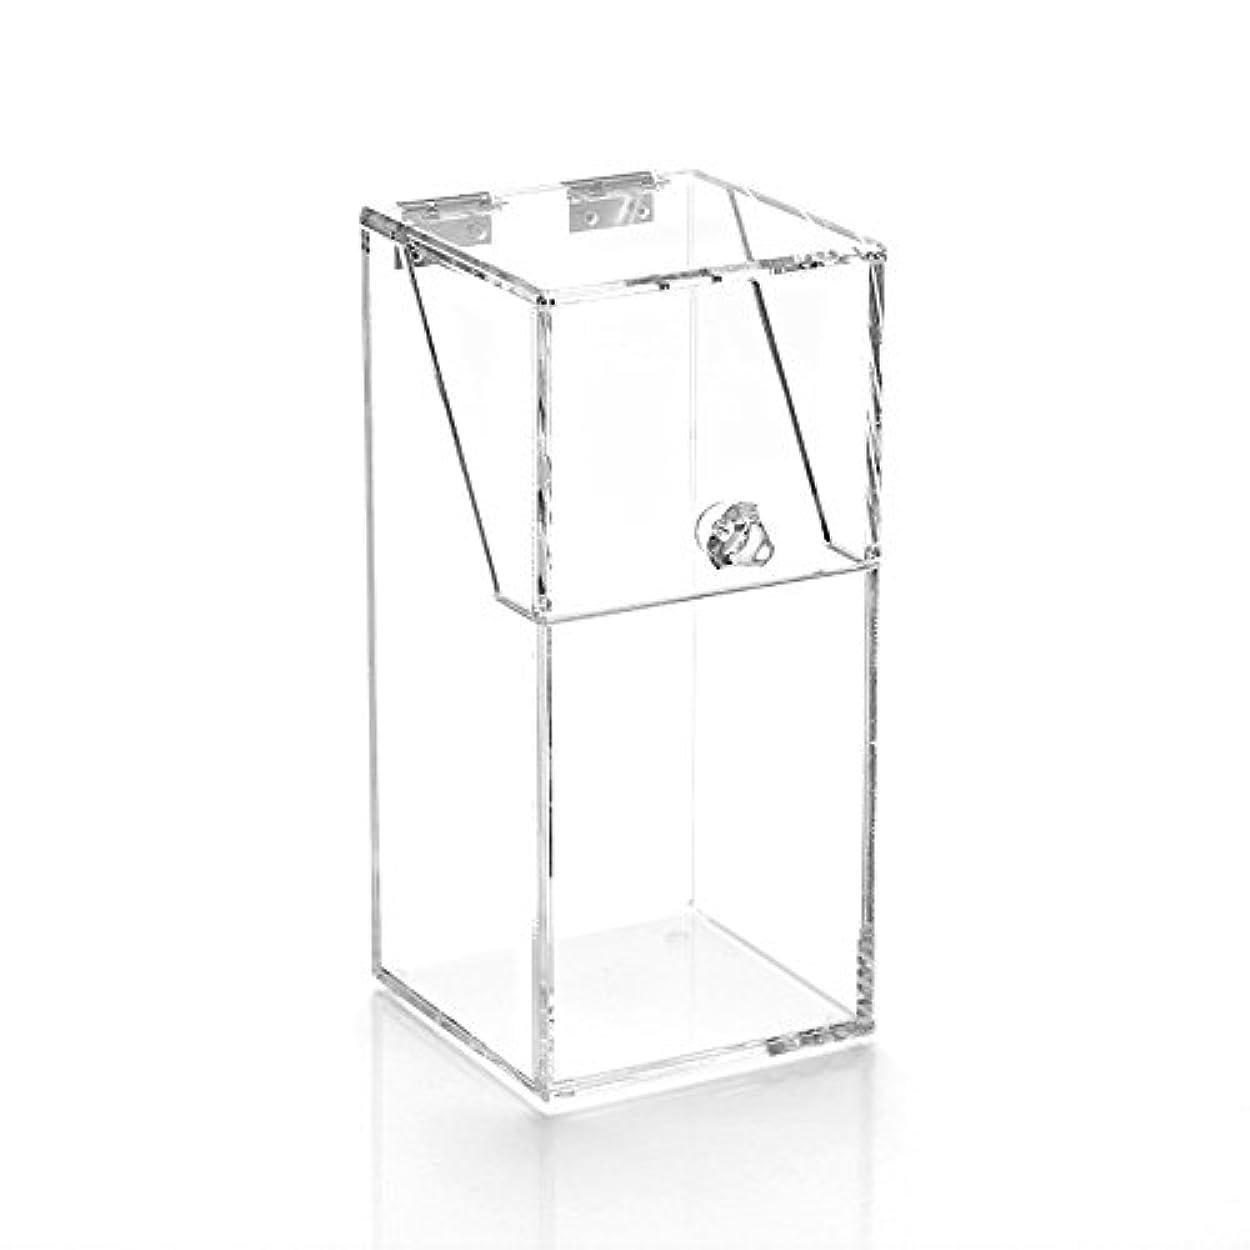 メロドラマティック波装備するYouth Union ブラシ収納ボックス、大容量のストレージボックス透明なアクリル (10*10*21.5CM)